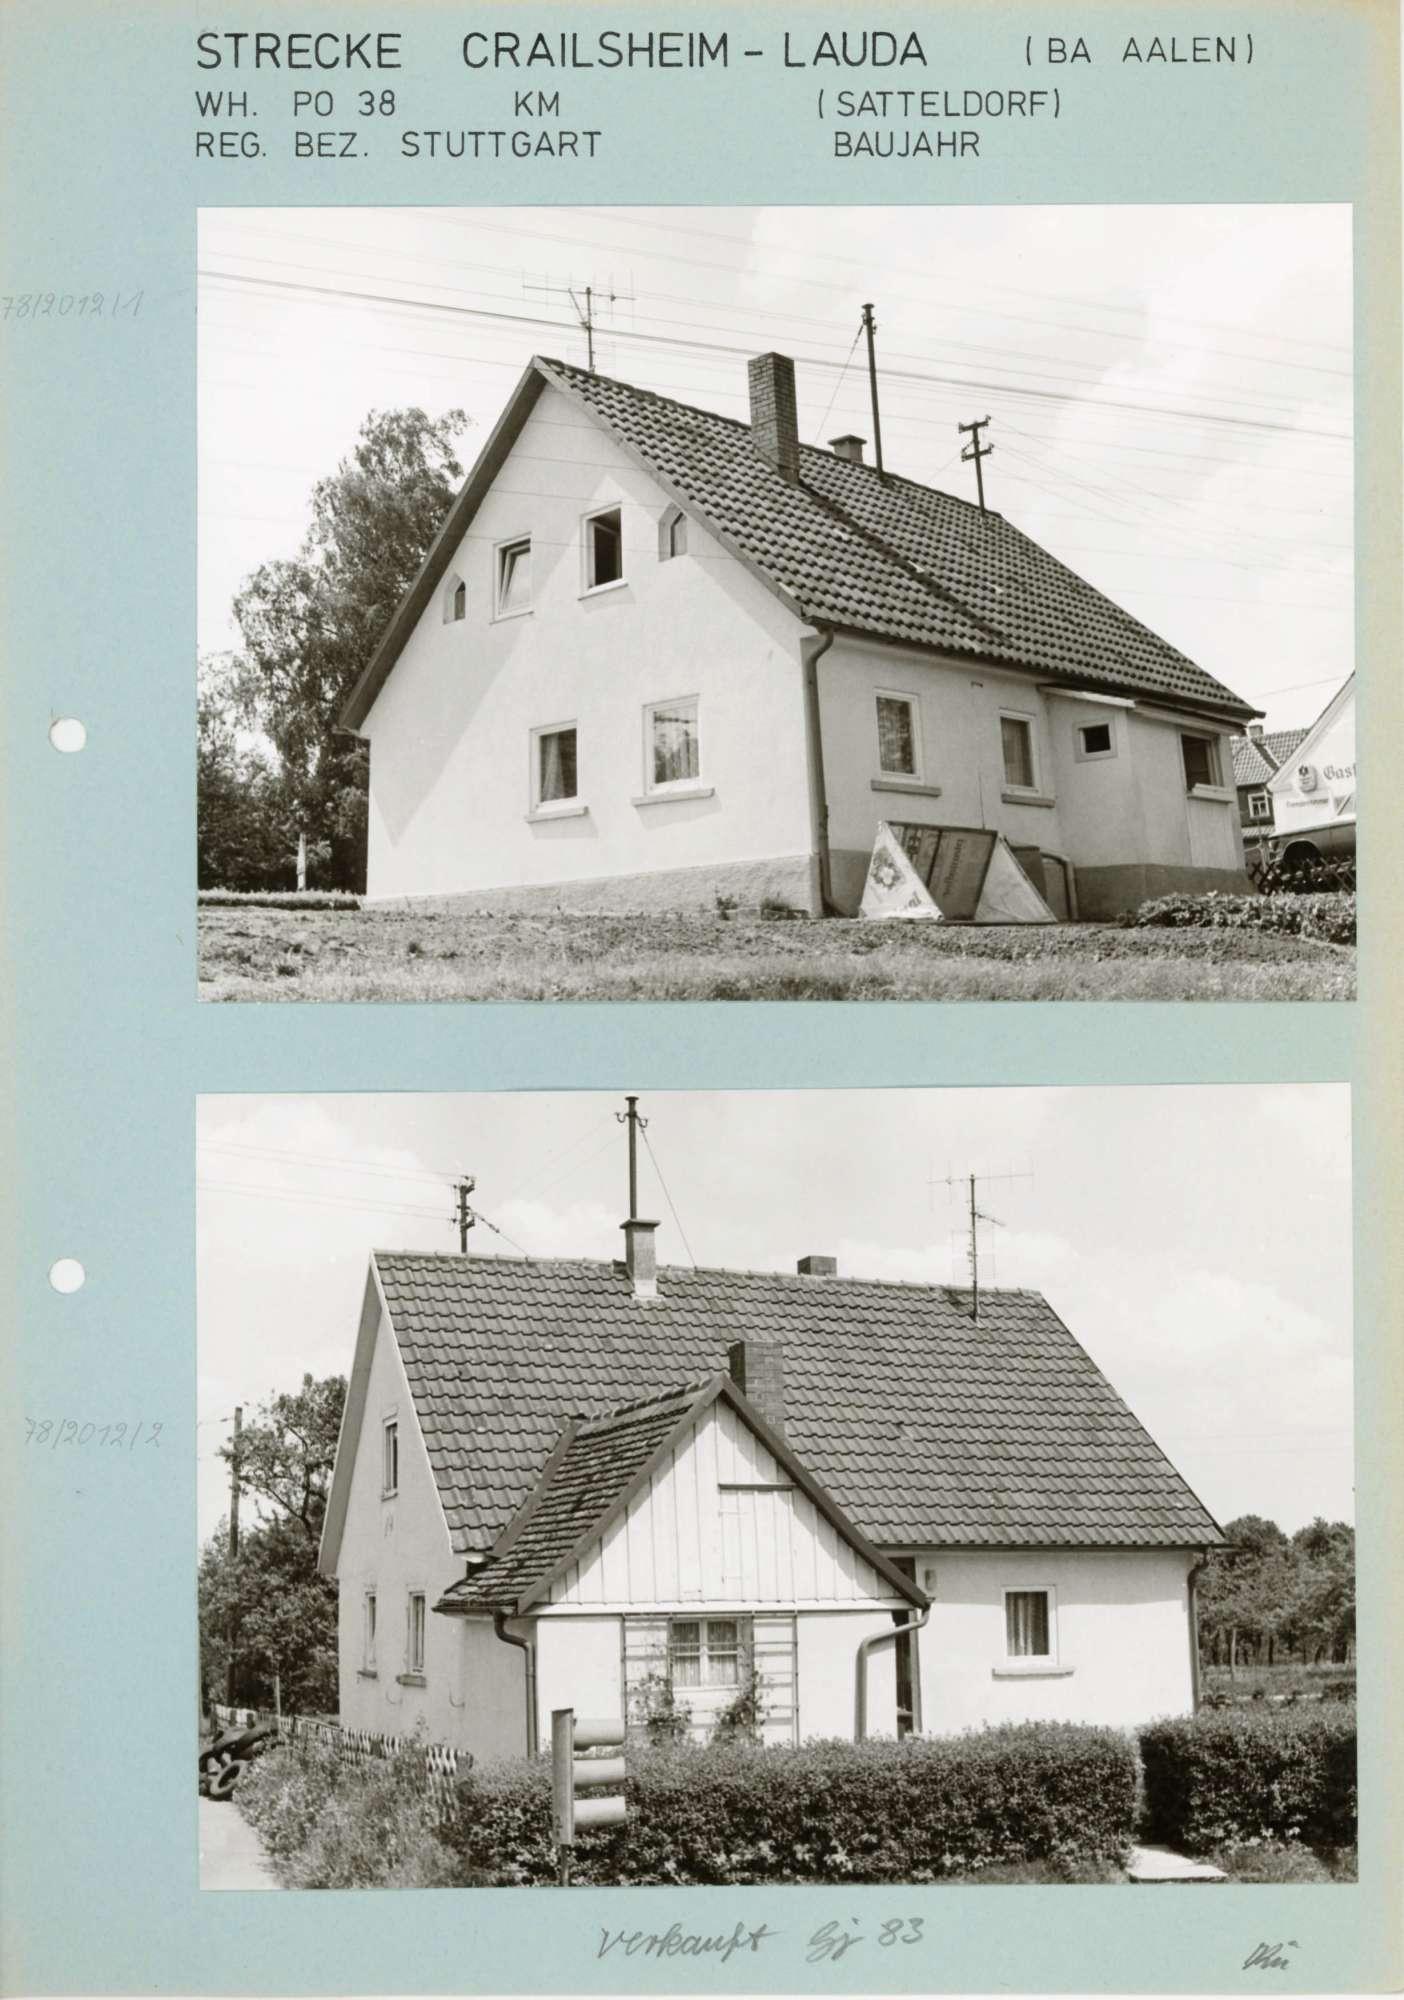 Satteldorf: 6 Fotos u.a., Bild 3